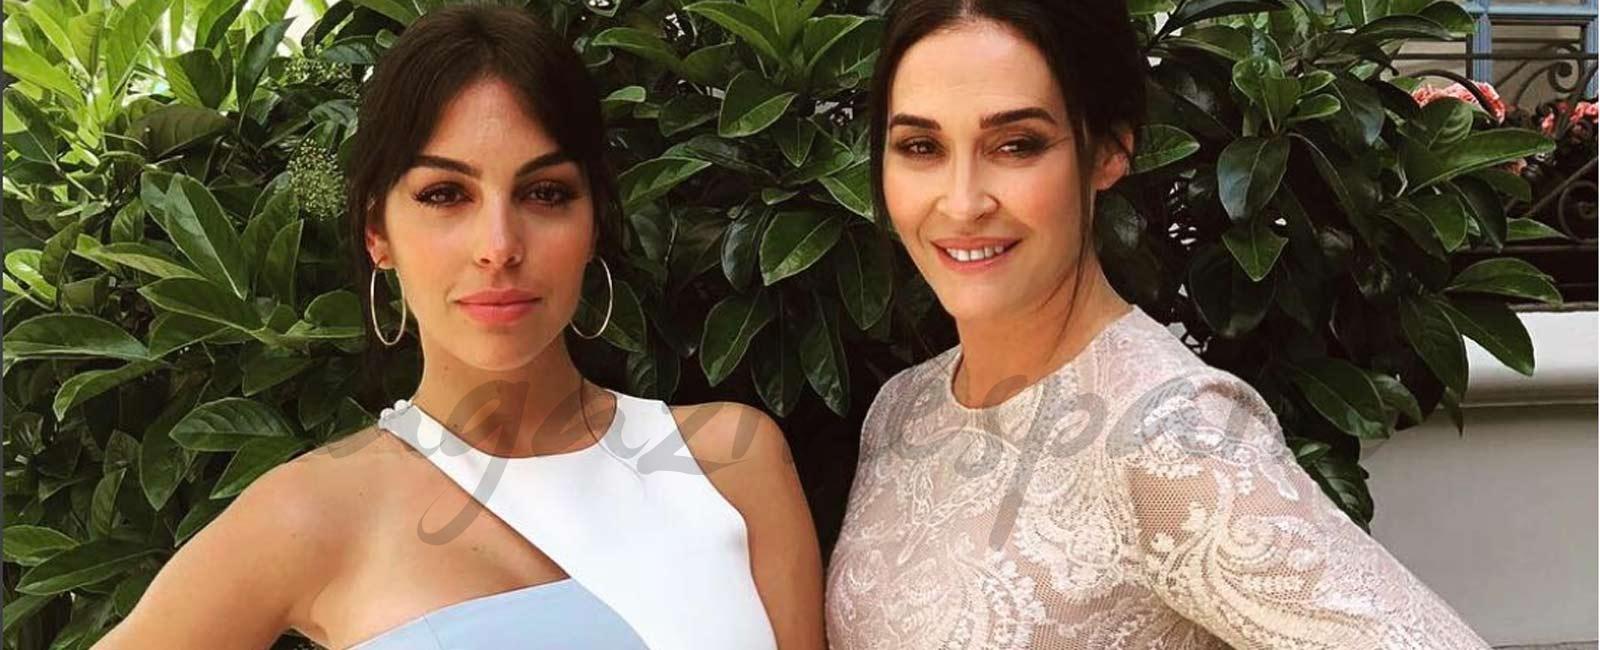 ¿Qué tienen en común Georgina Rodríguez y Vicky Martín Berrocal?